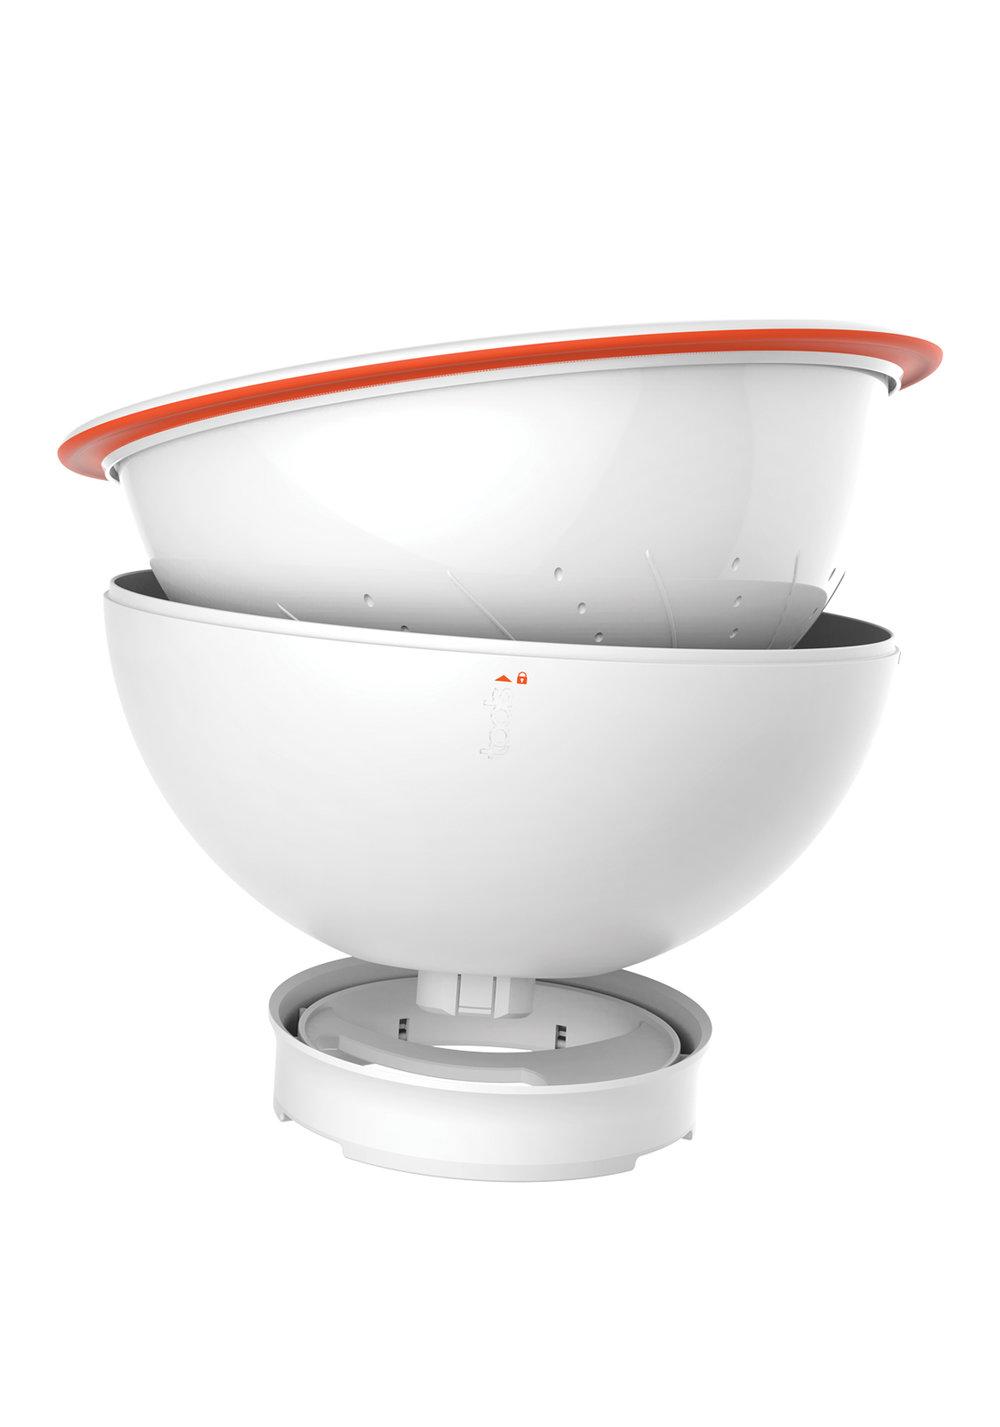 EntretieNfacile - Totalement démontable, chaque partie du STRAINER BOWL passe au lave-vaisselle.500295 STRAINER BOWL